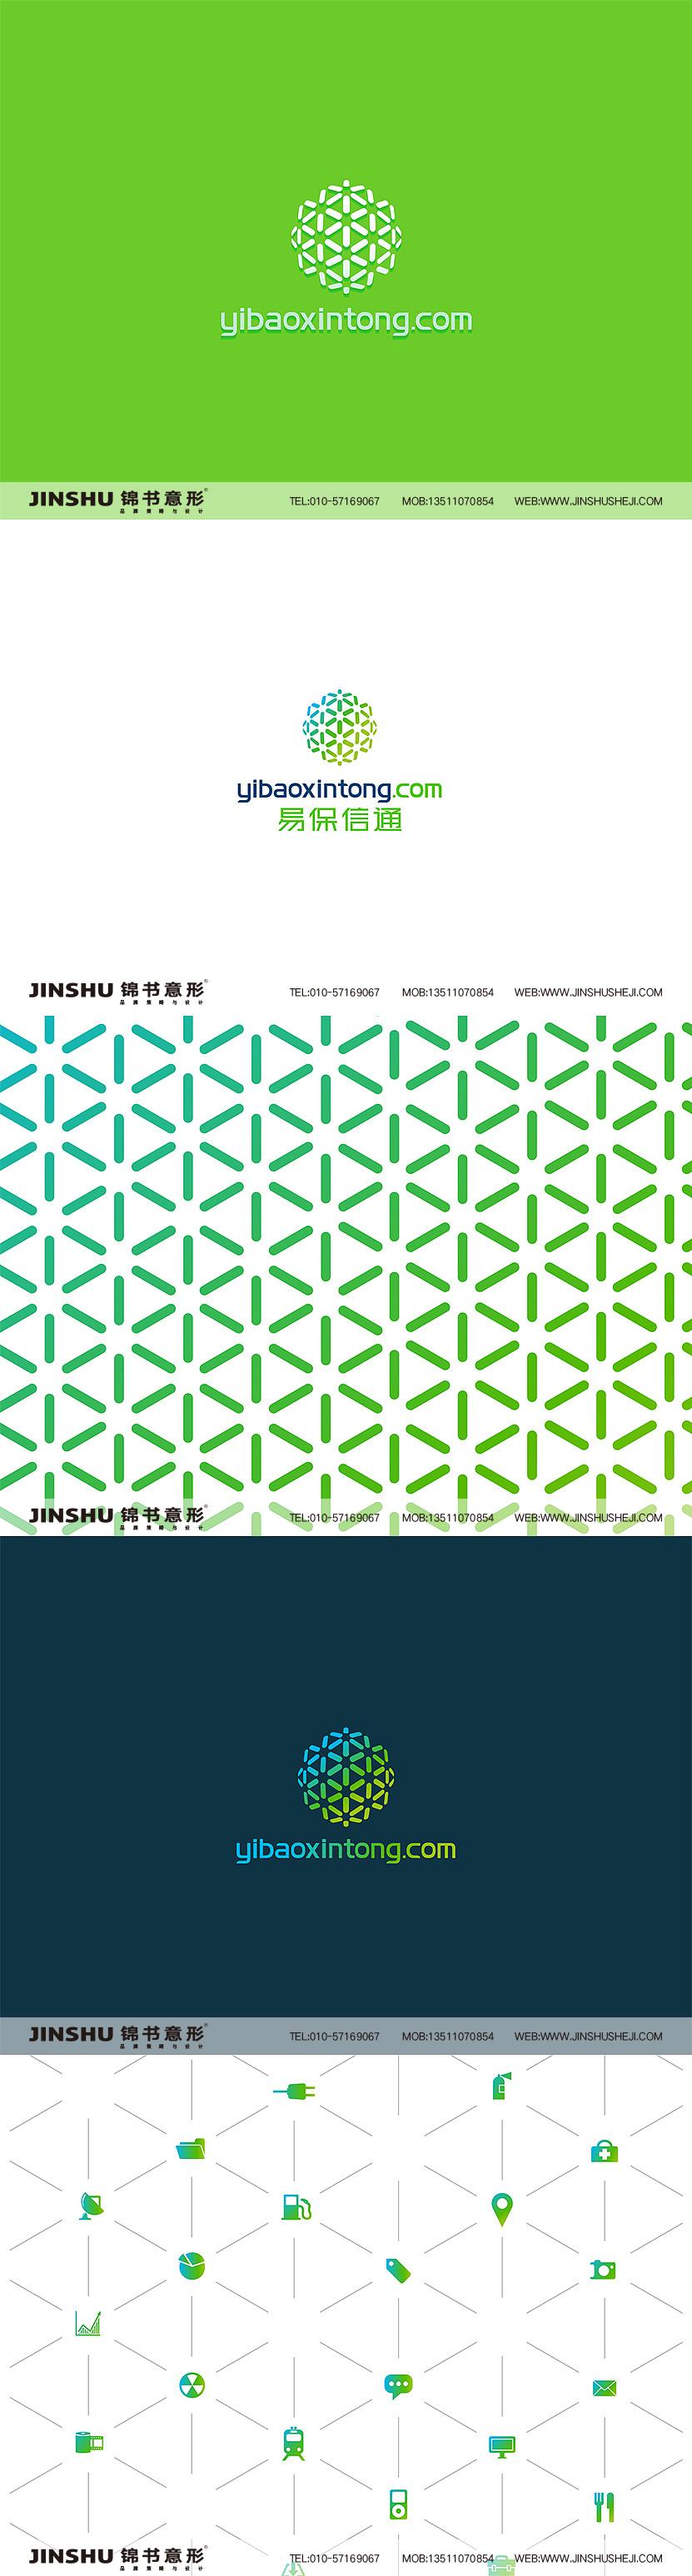 锦书意形品牌设计-互联网+企业logo设计品牌形象建立